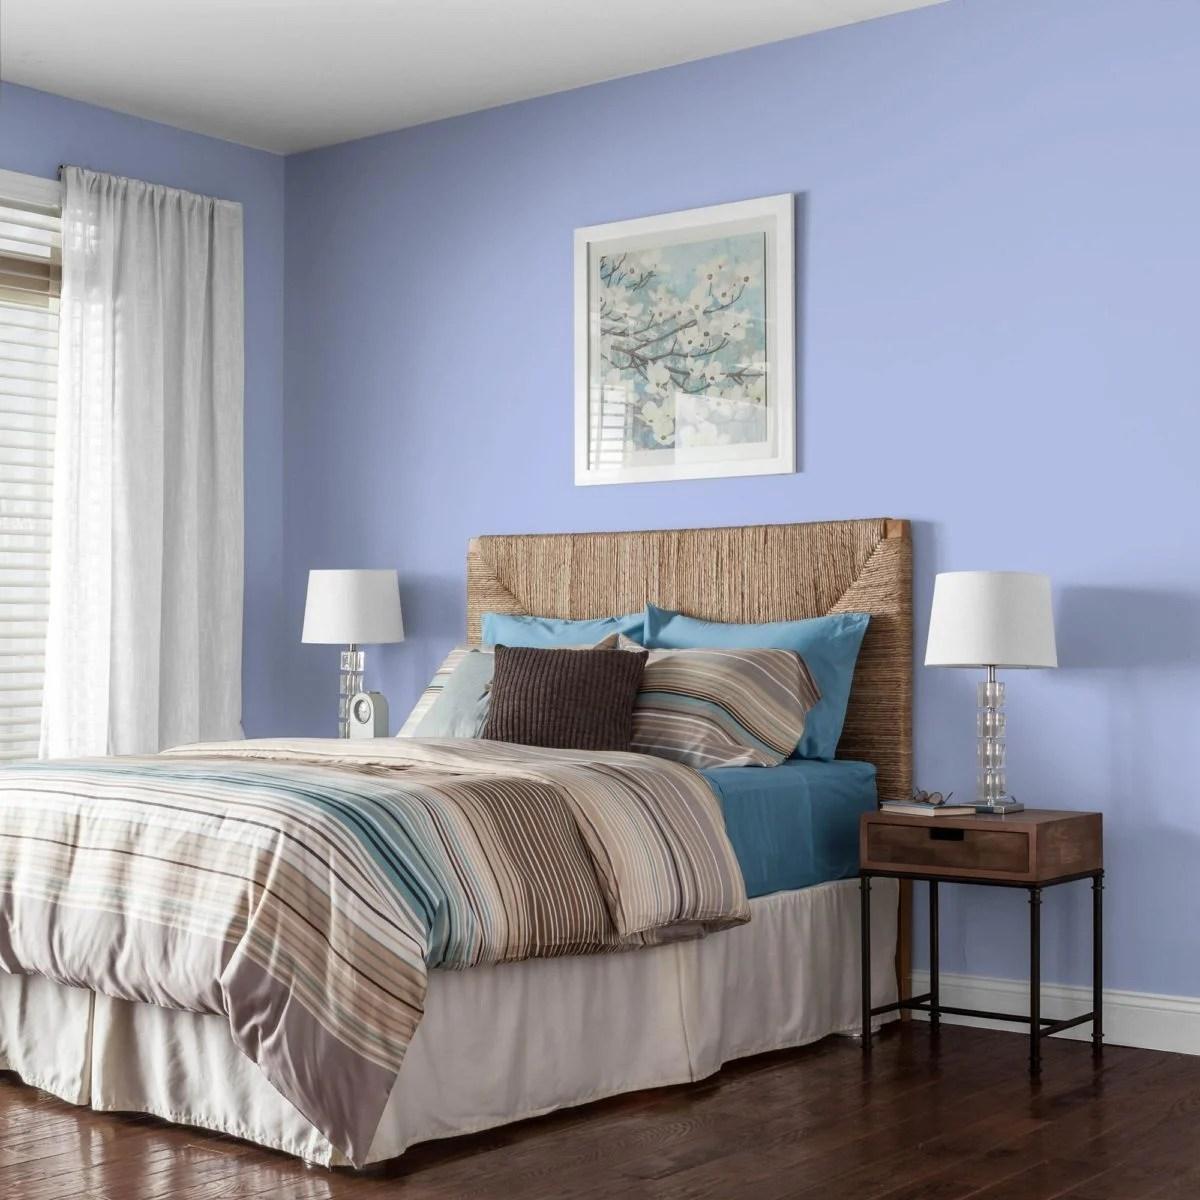 La stanza ha una forma particolarmente lunga e. Colori Rilassanti Per Camere Da Letto